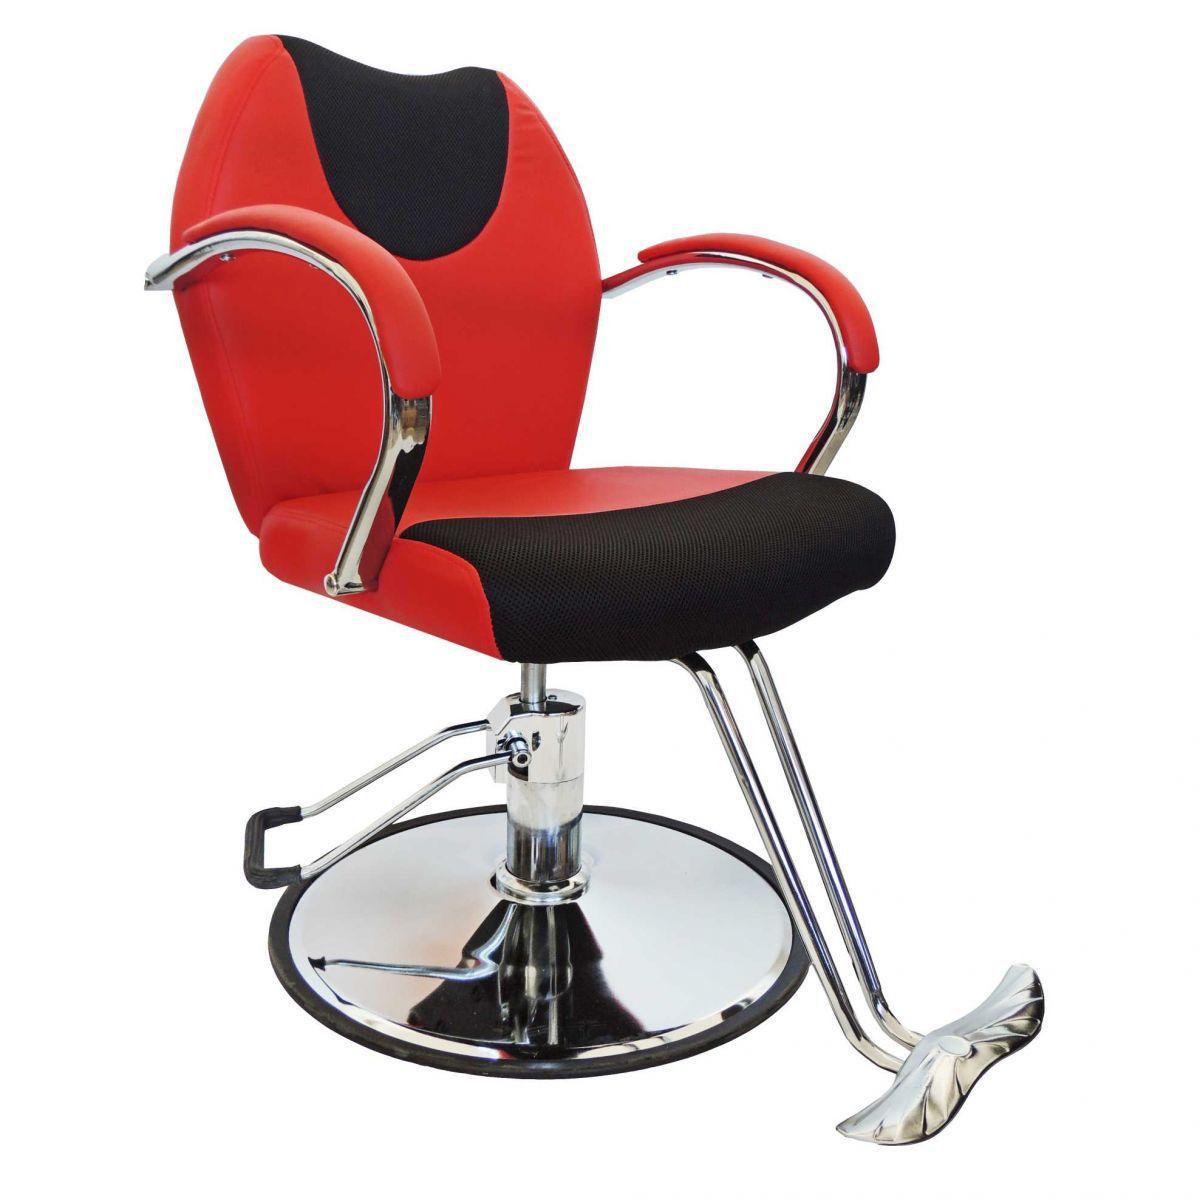 Cadeira Hidráulica de Salão Tókio - at.home